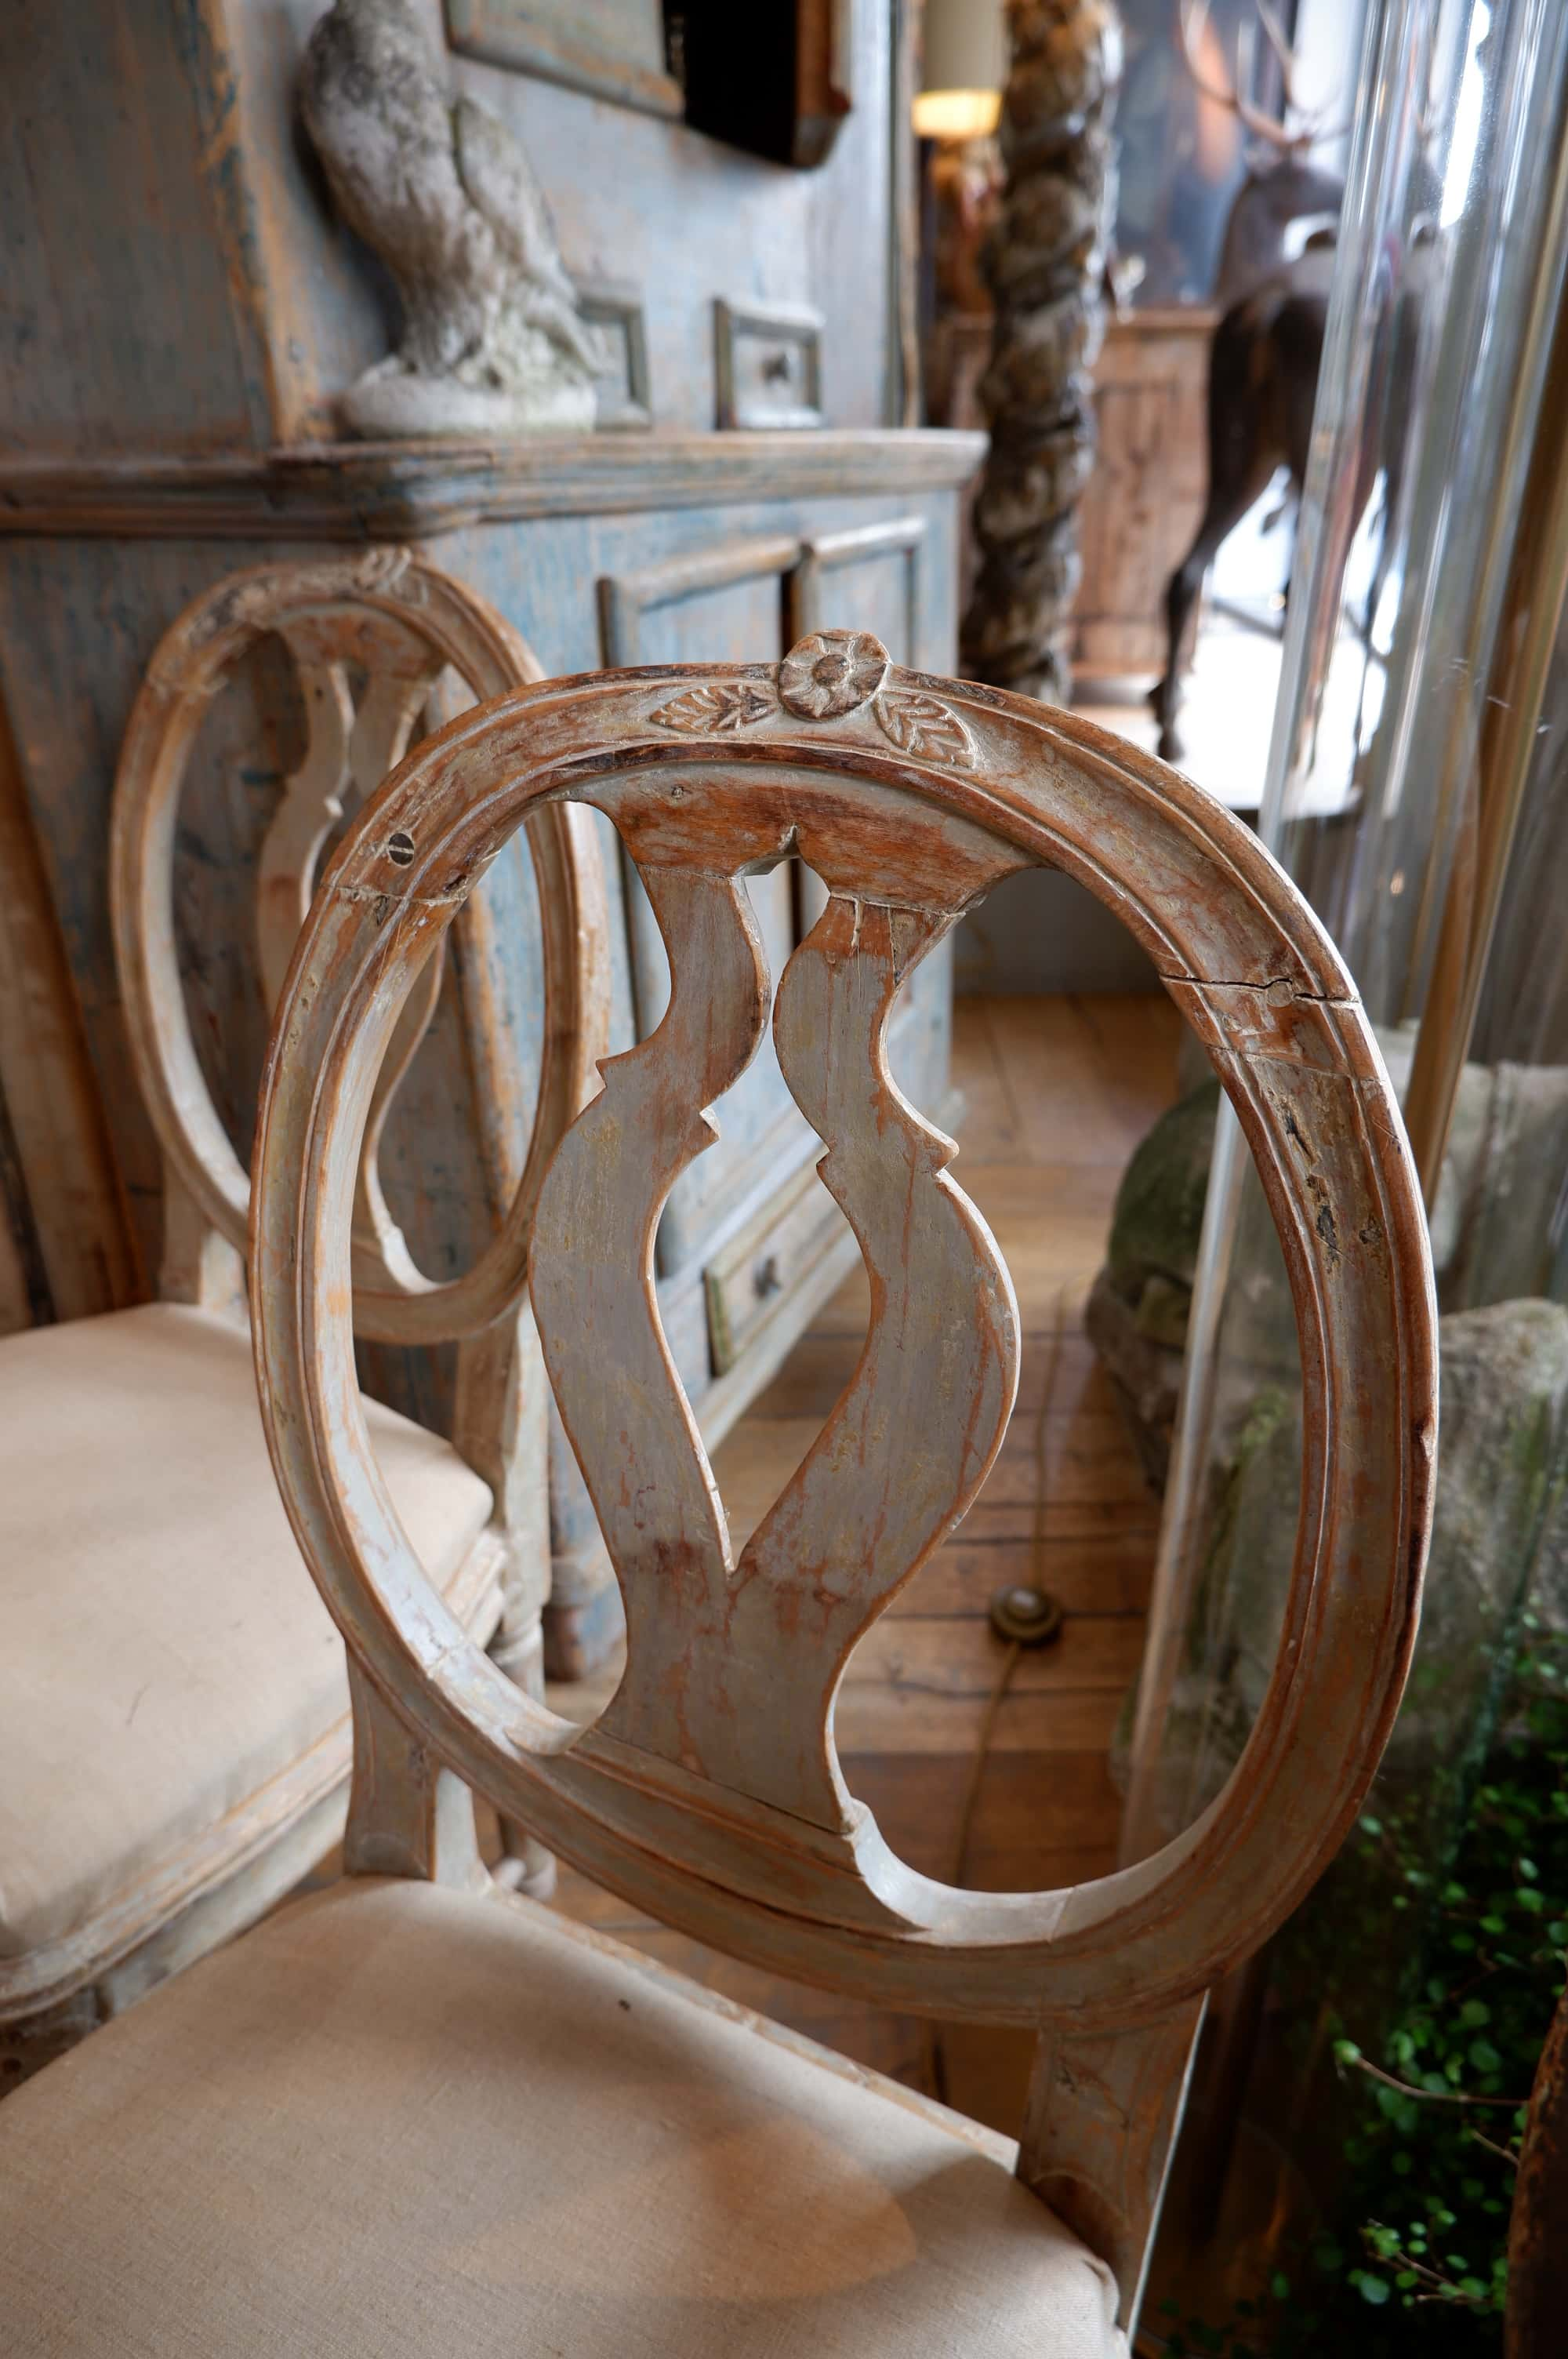 Paire de chaises suédoise période transition dossier médaillon et fleur sculptée ca.1750